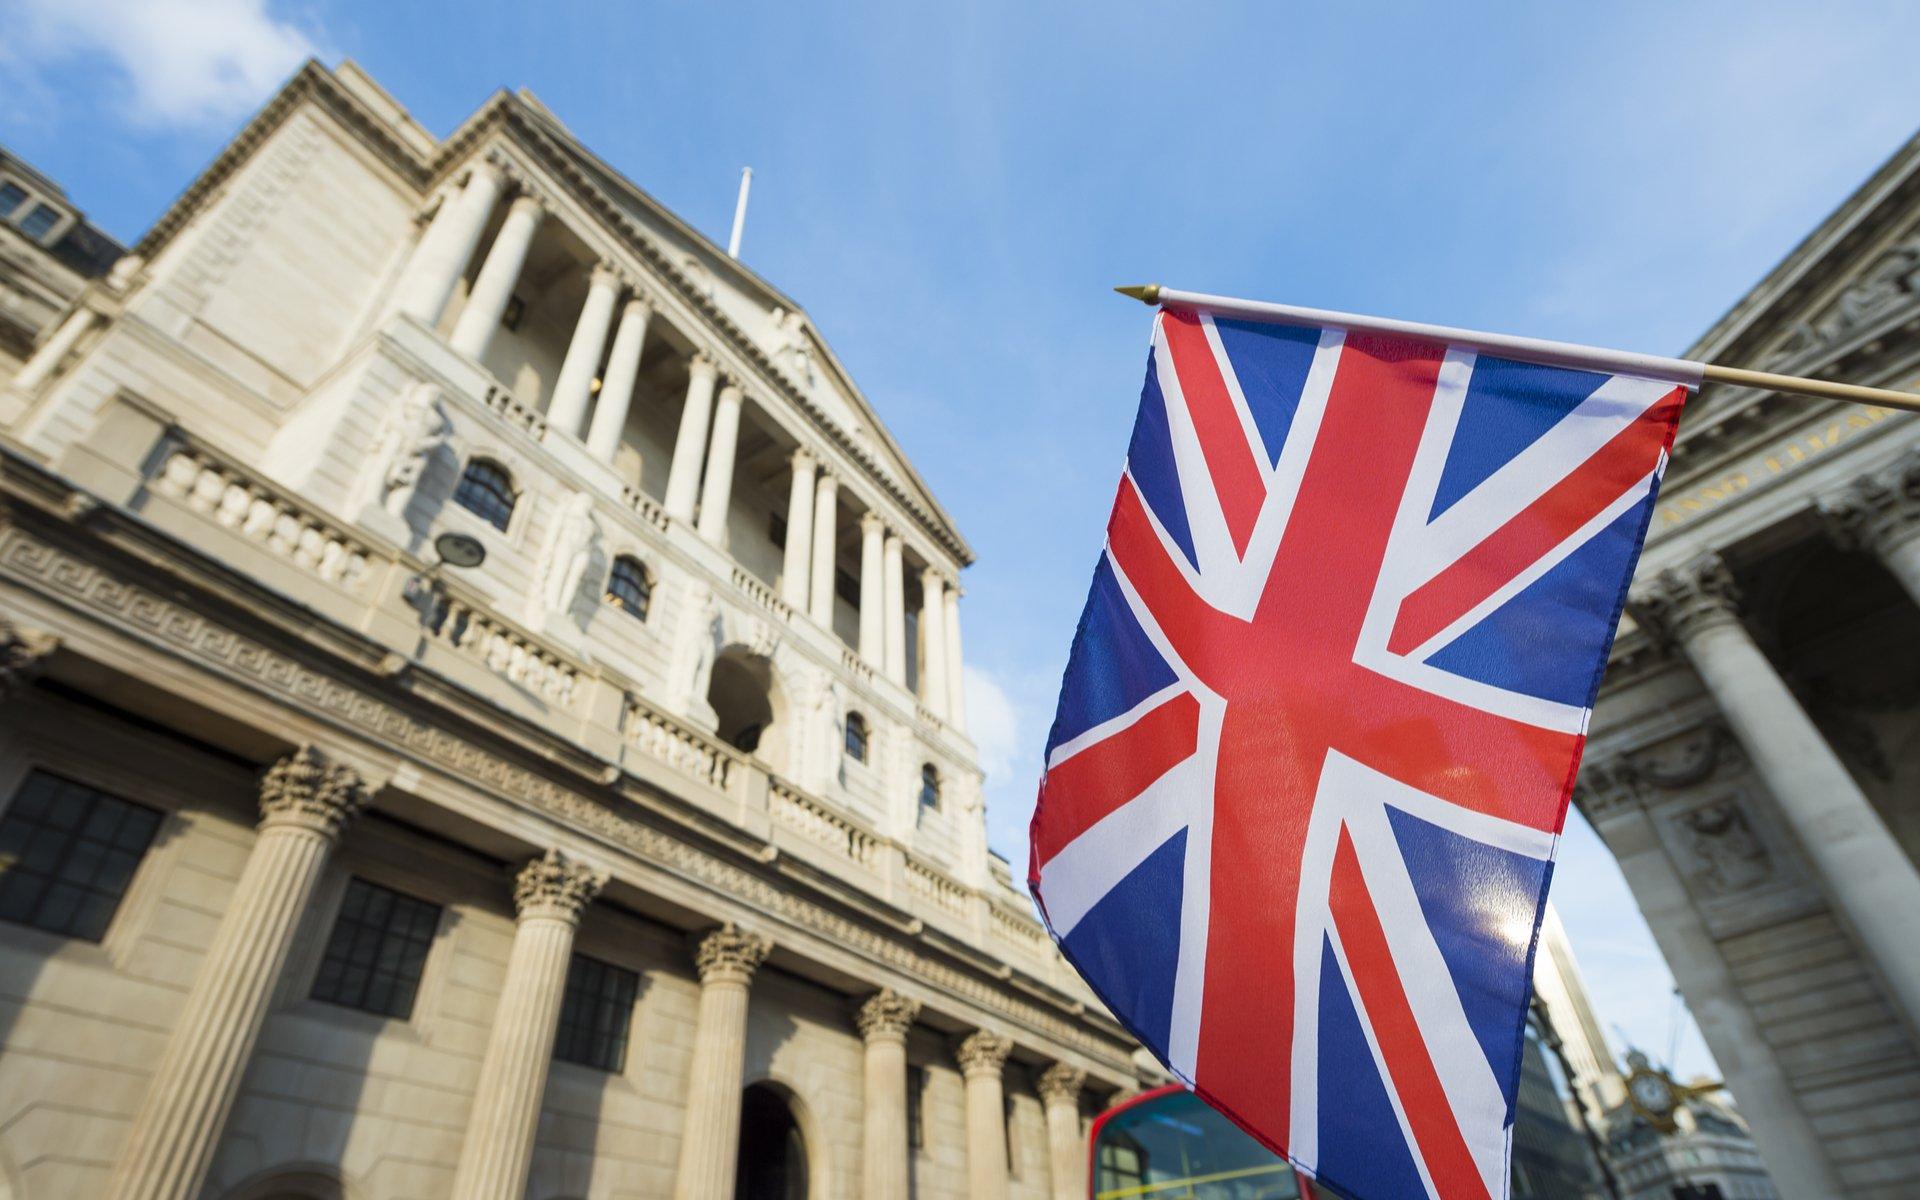 BoE: Dự báo từ tám ngân hàng lớn, quan điểmbồ câu sẽ chiếm ưu thếtrong ngày!